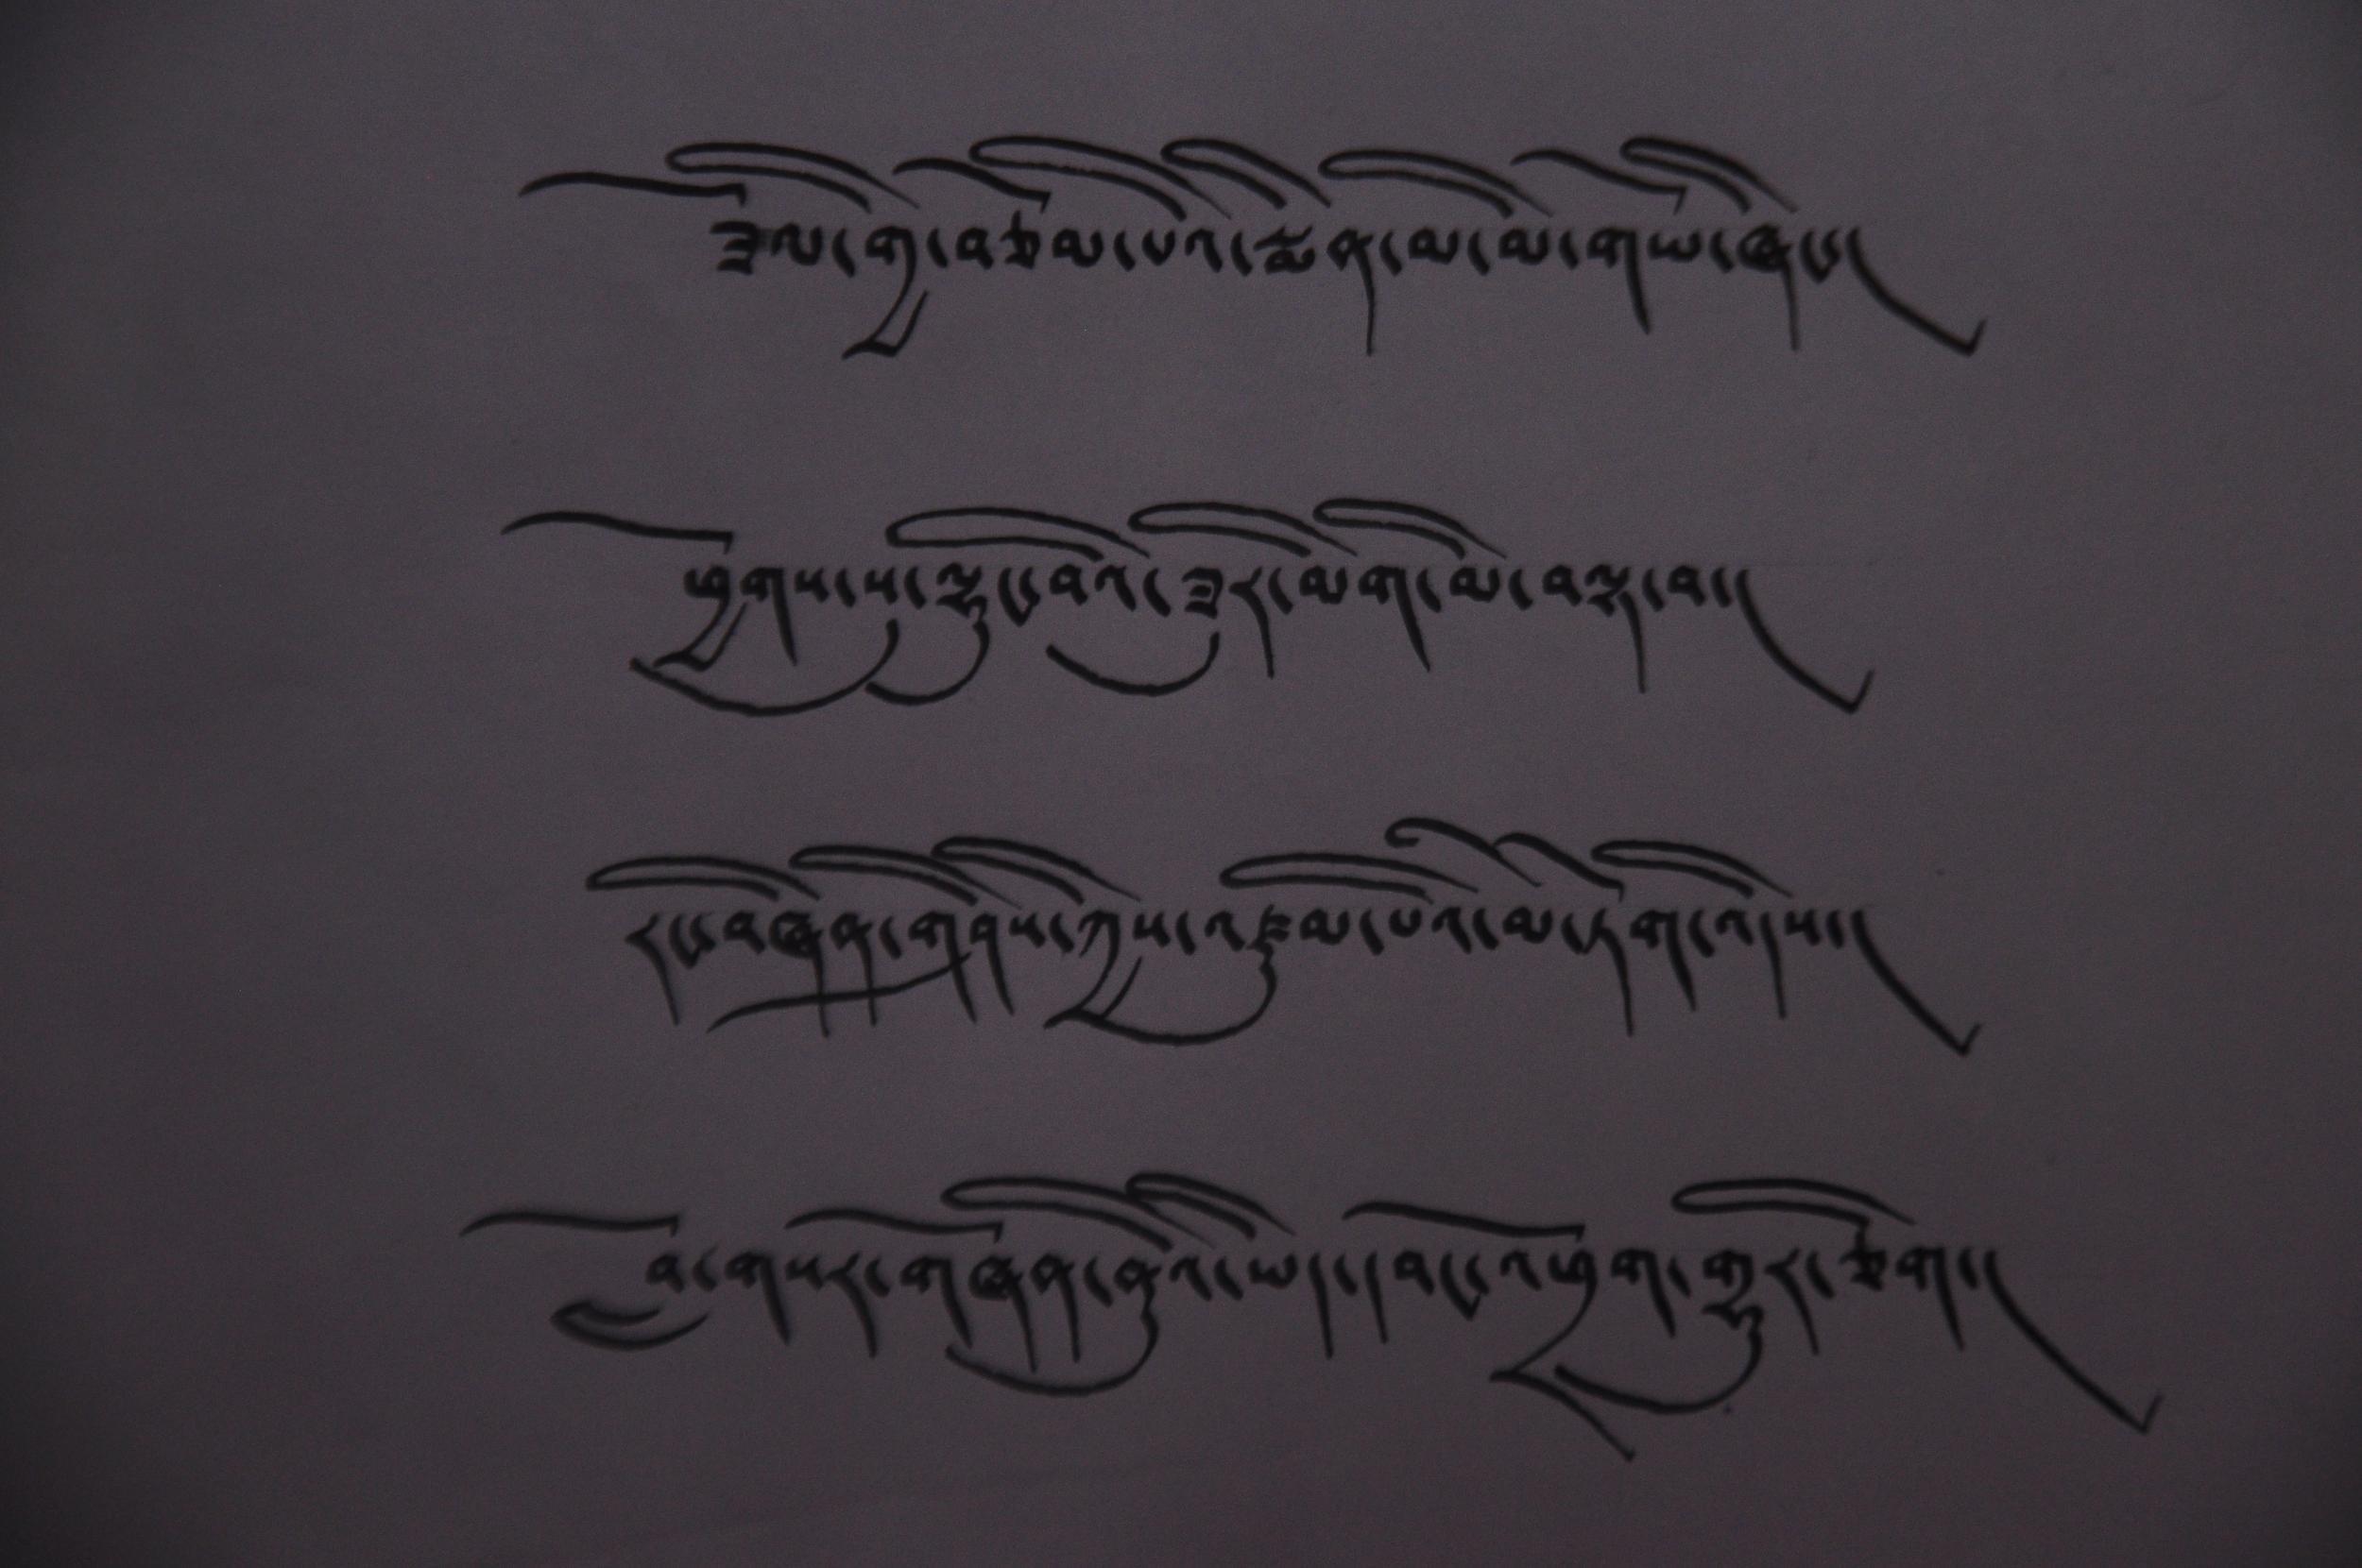 藏文书法-那曲地区高级中学迎接第五届校园文化艺术节